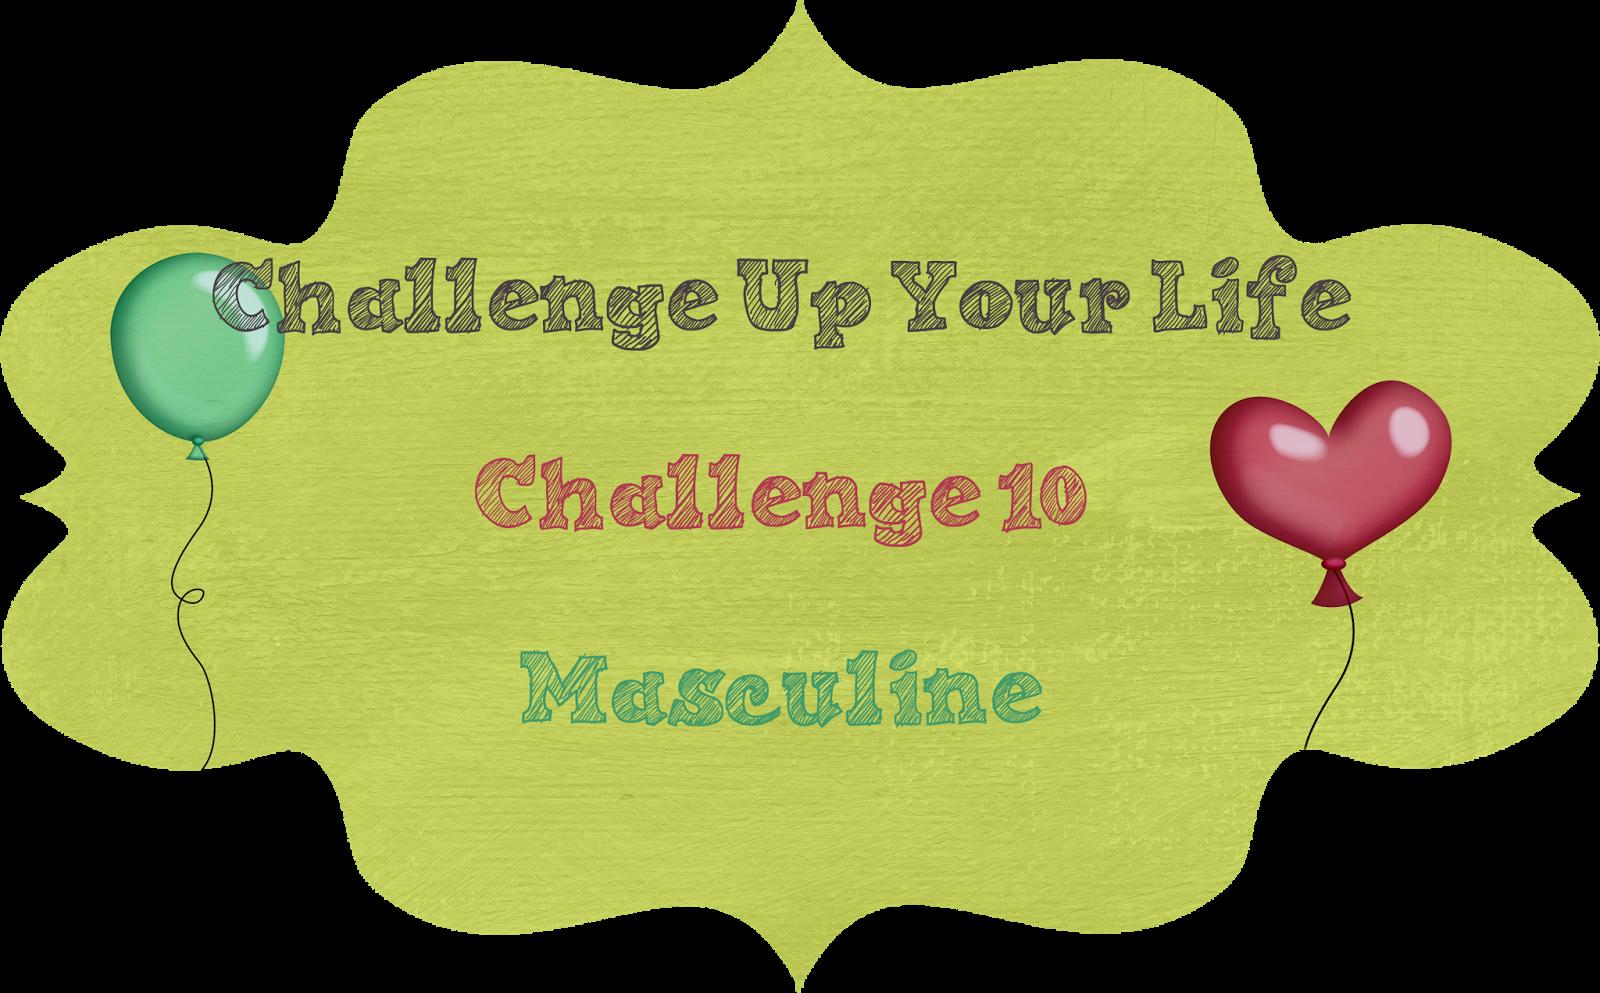 http://challengeupyourlife.blogspot.com/2015/03/challenge-10-masculine.html